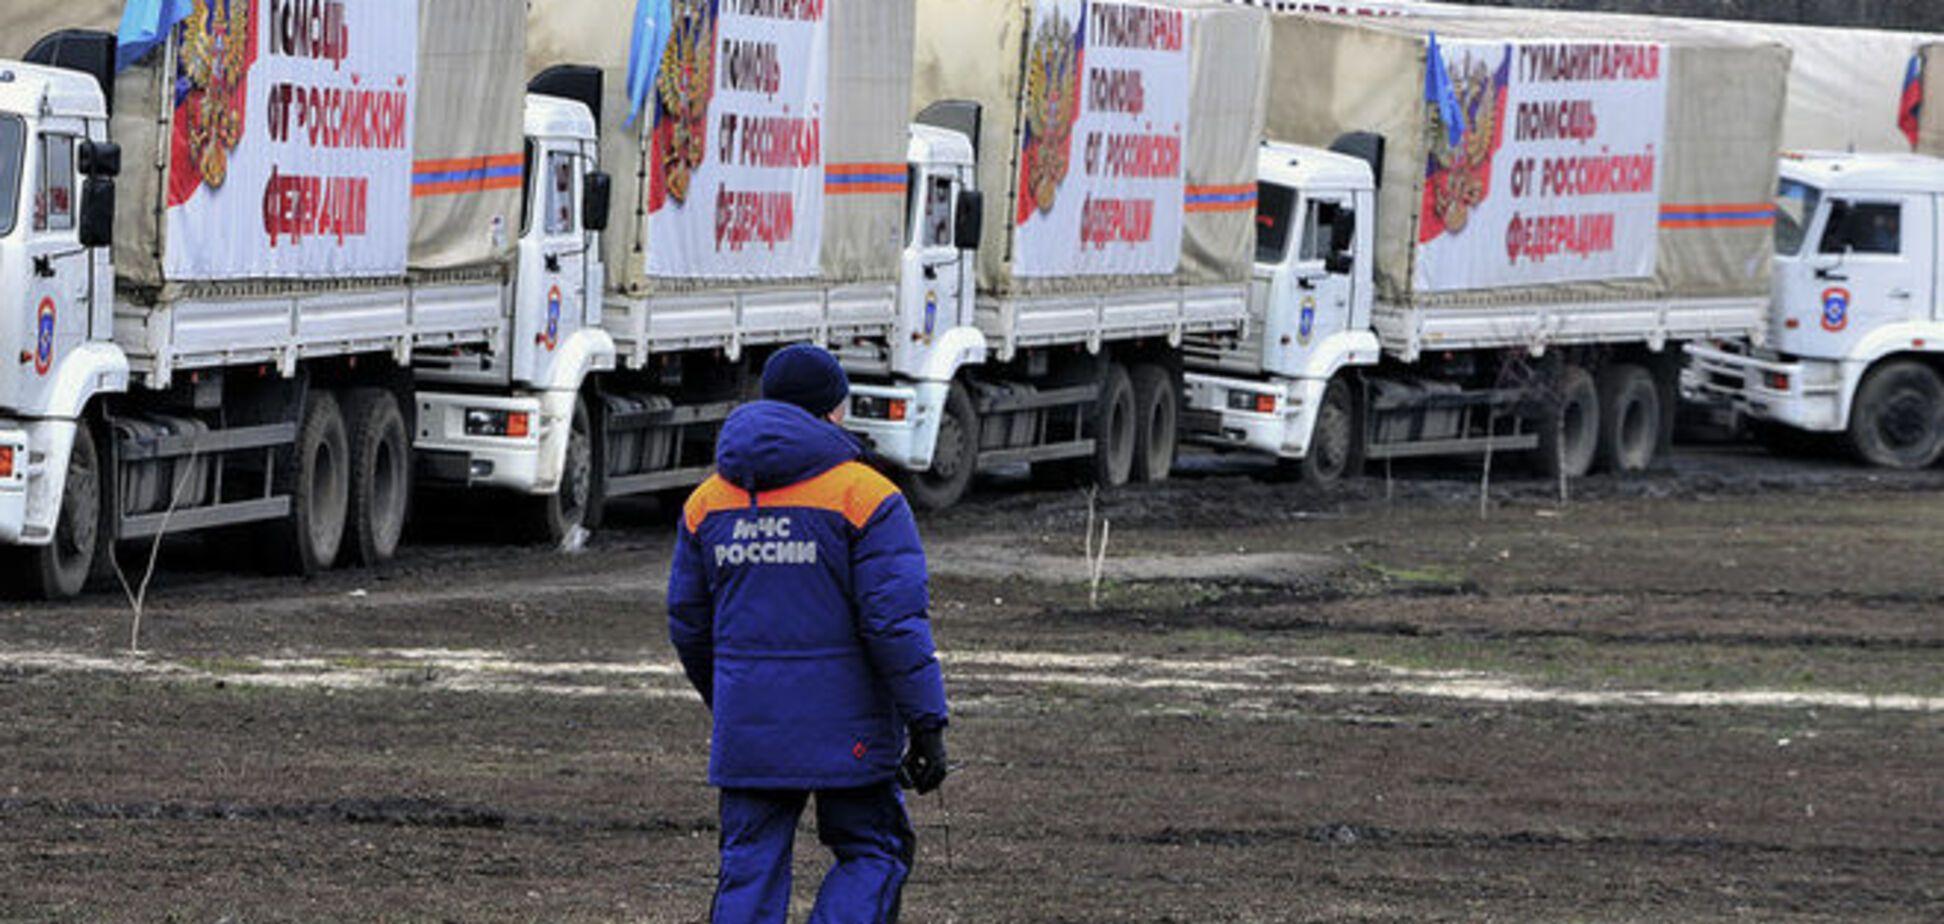 ОБСЕ: в путинском 'гумконвое' зафиксировали топливные автоцистерны